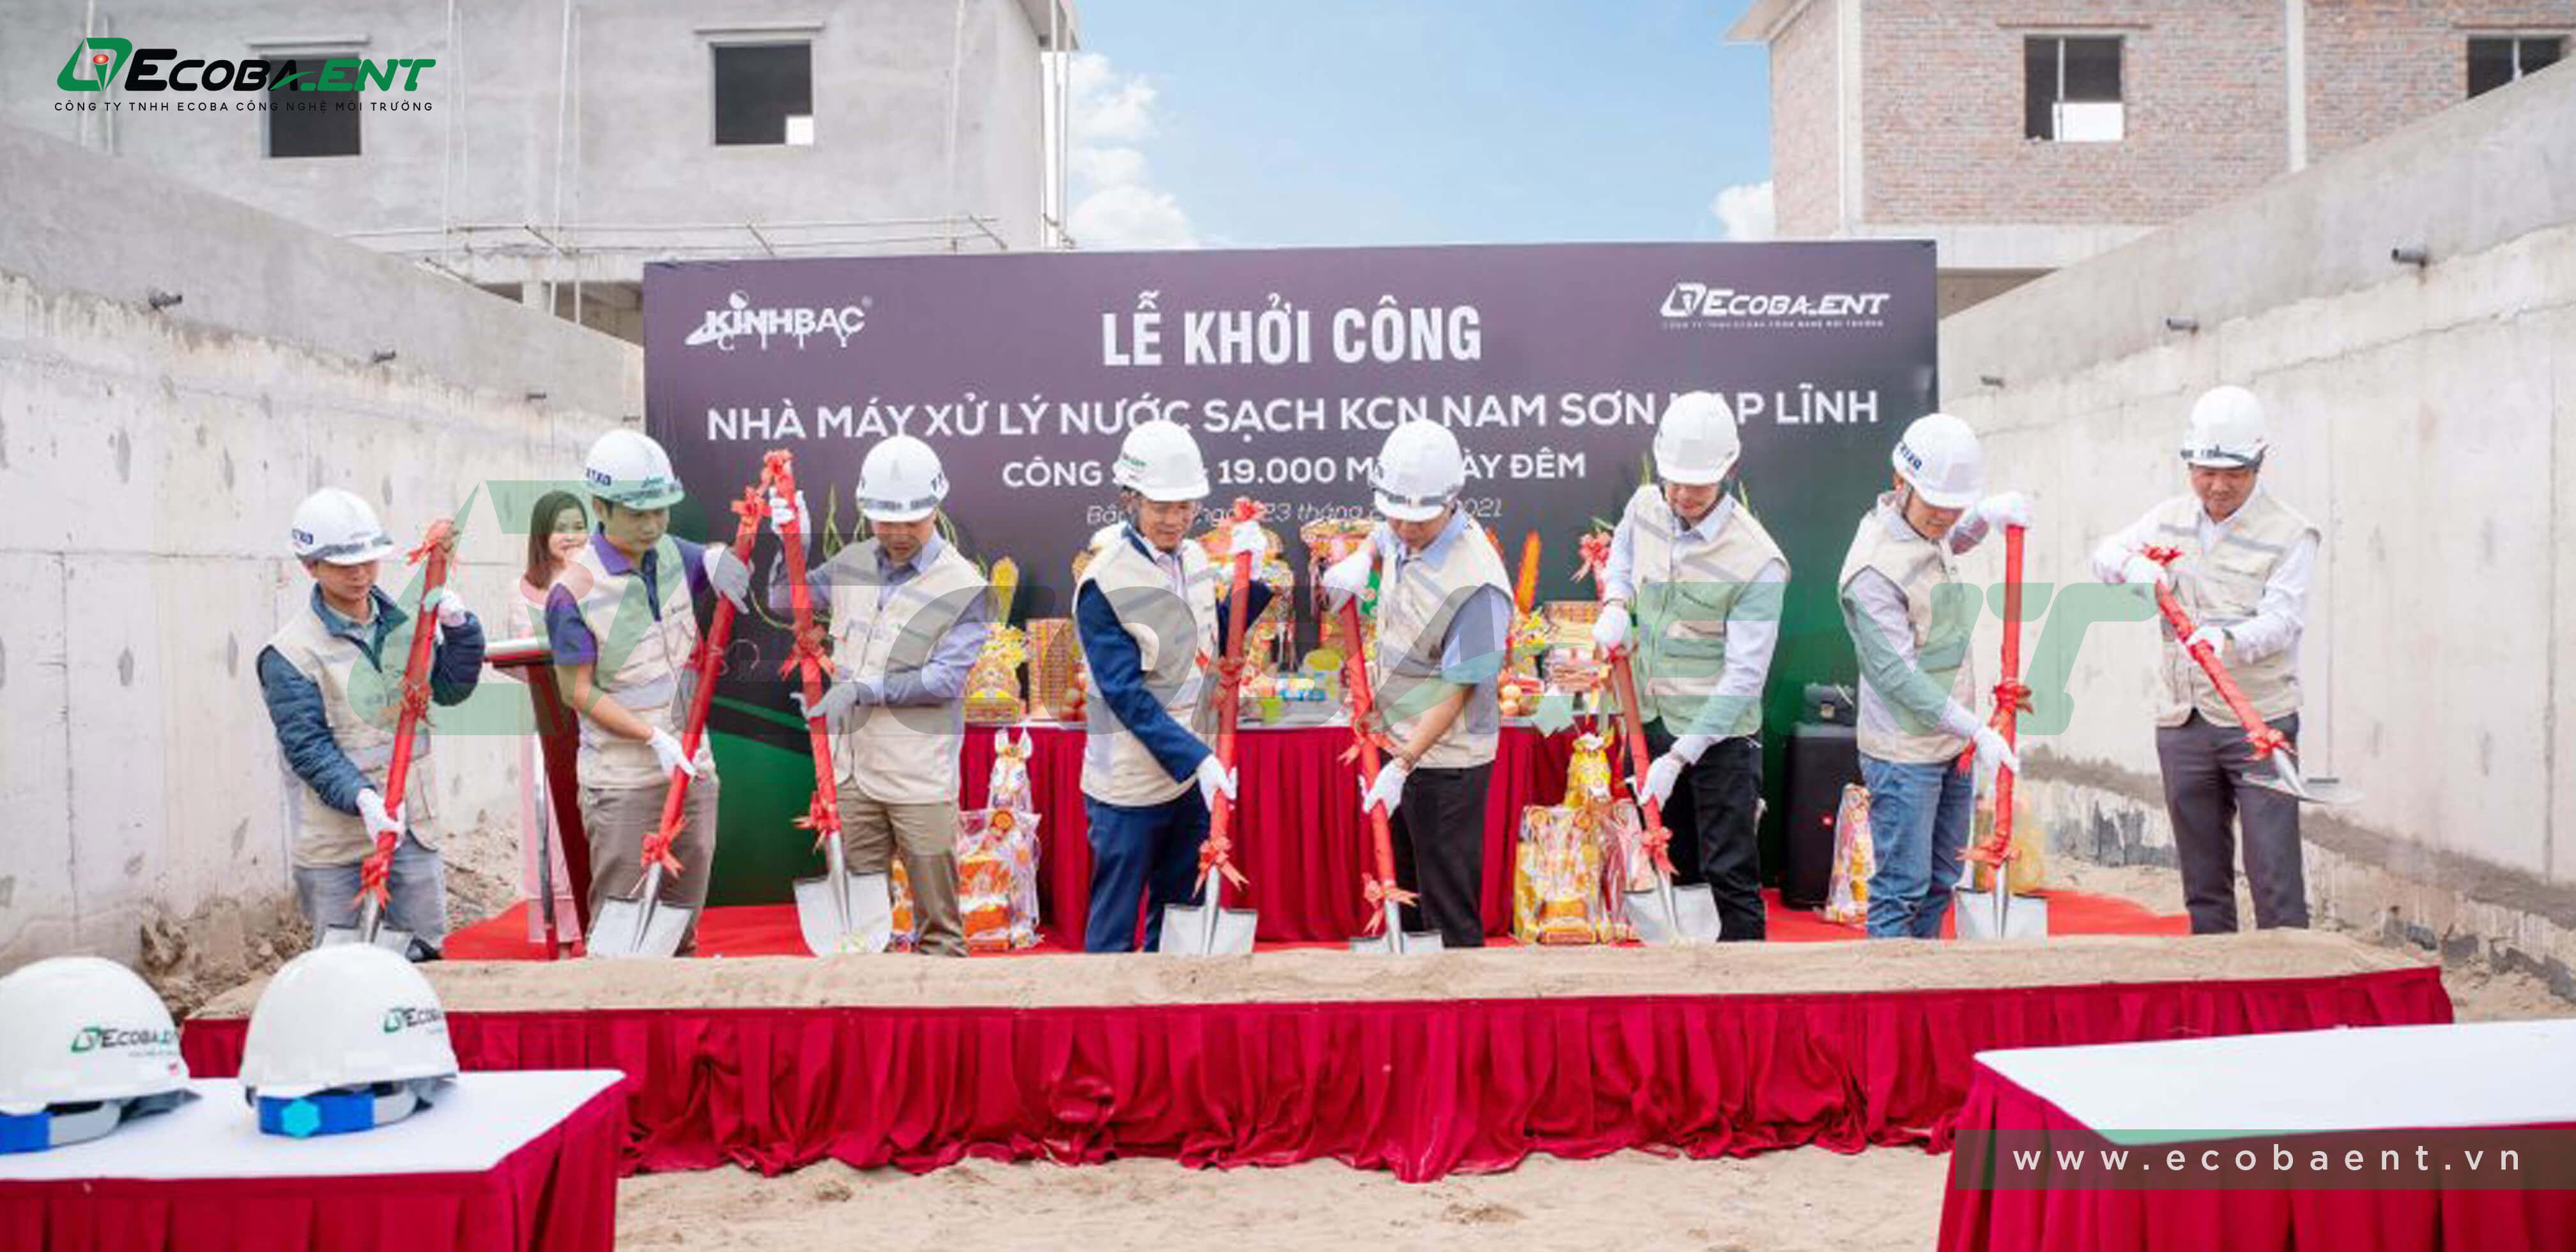 Trạm xử lý nước sạch khu công nghiệp Nam Sơn Hạp Lĩnh